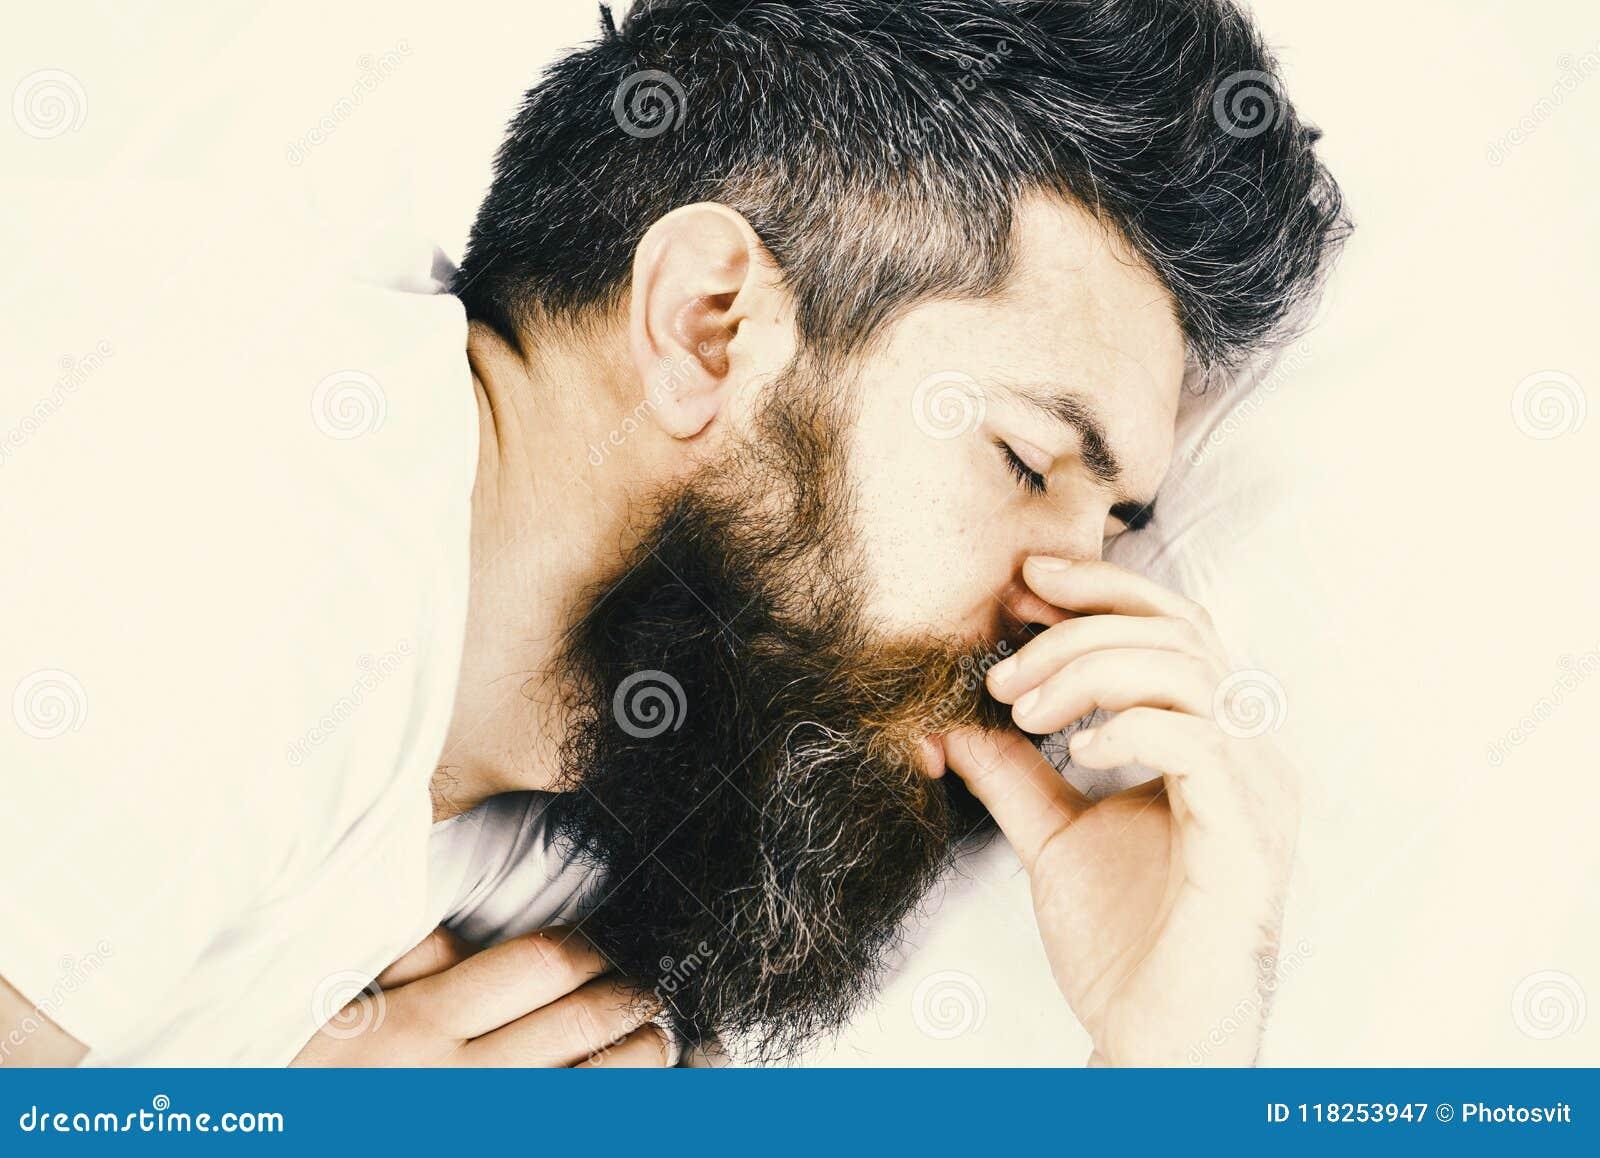 Buenos días El hombre con la cara soñolienta miente en la almohada Concepto del sueño profundo